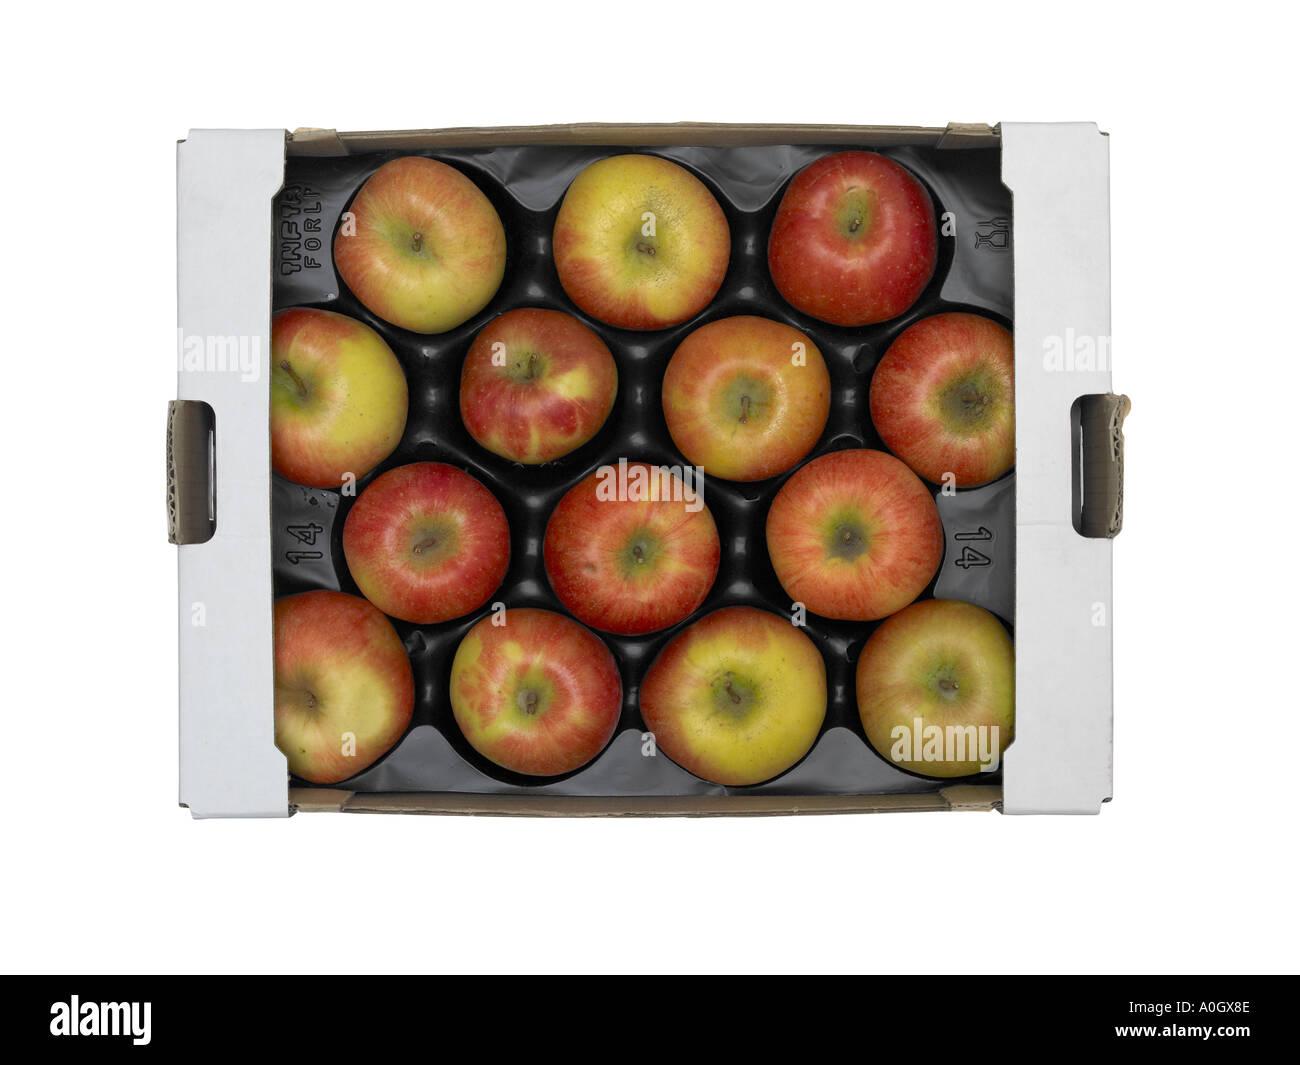 Catorce manzanas rojas frescas en bandeja de ultramarinos de cartón Imagen De Stock